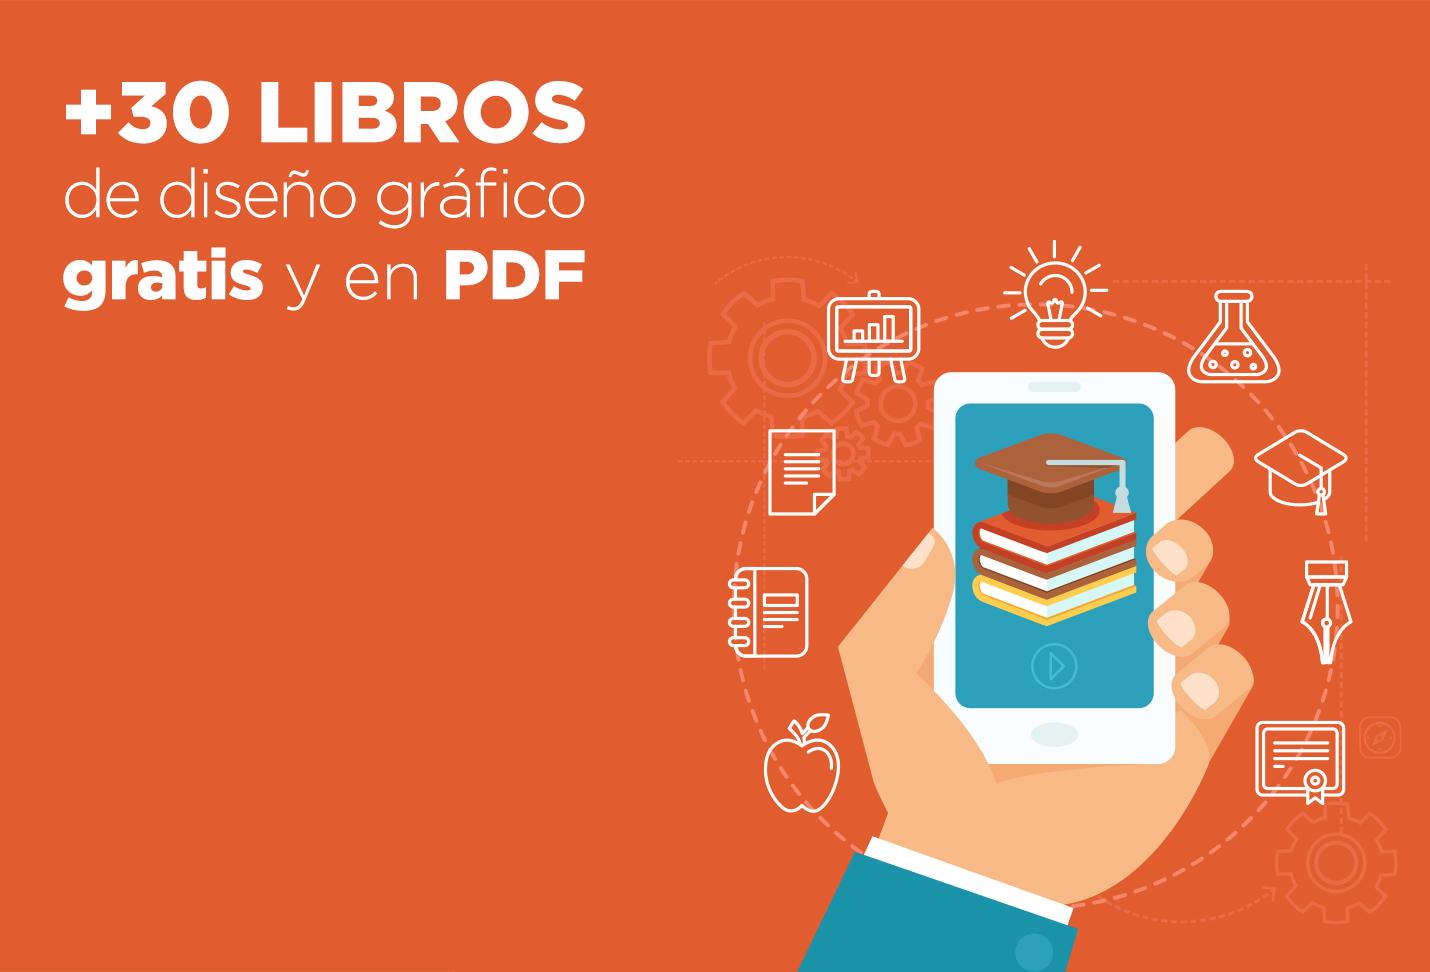 30 libros de dise o gr fico gratis y en pdf el rinc n Libros de ceramica pdf